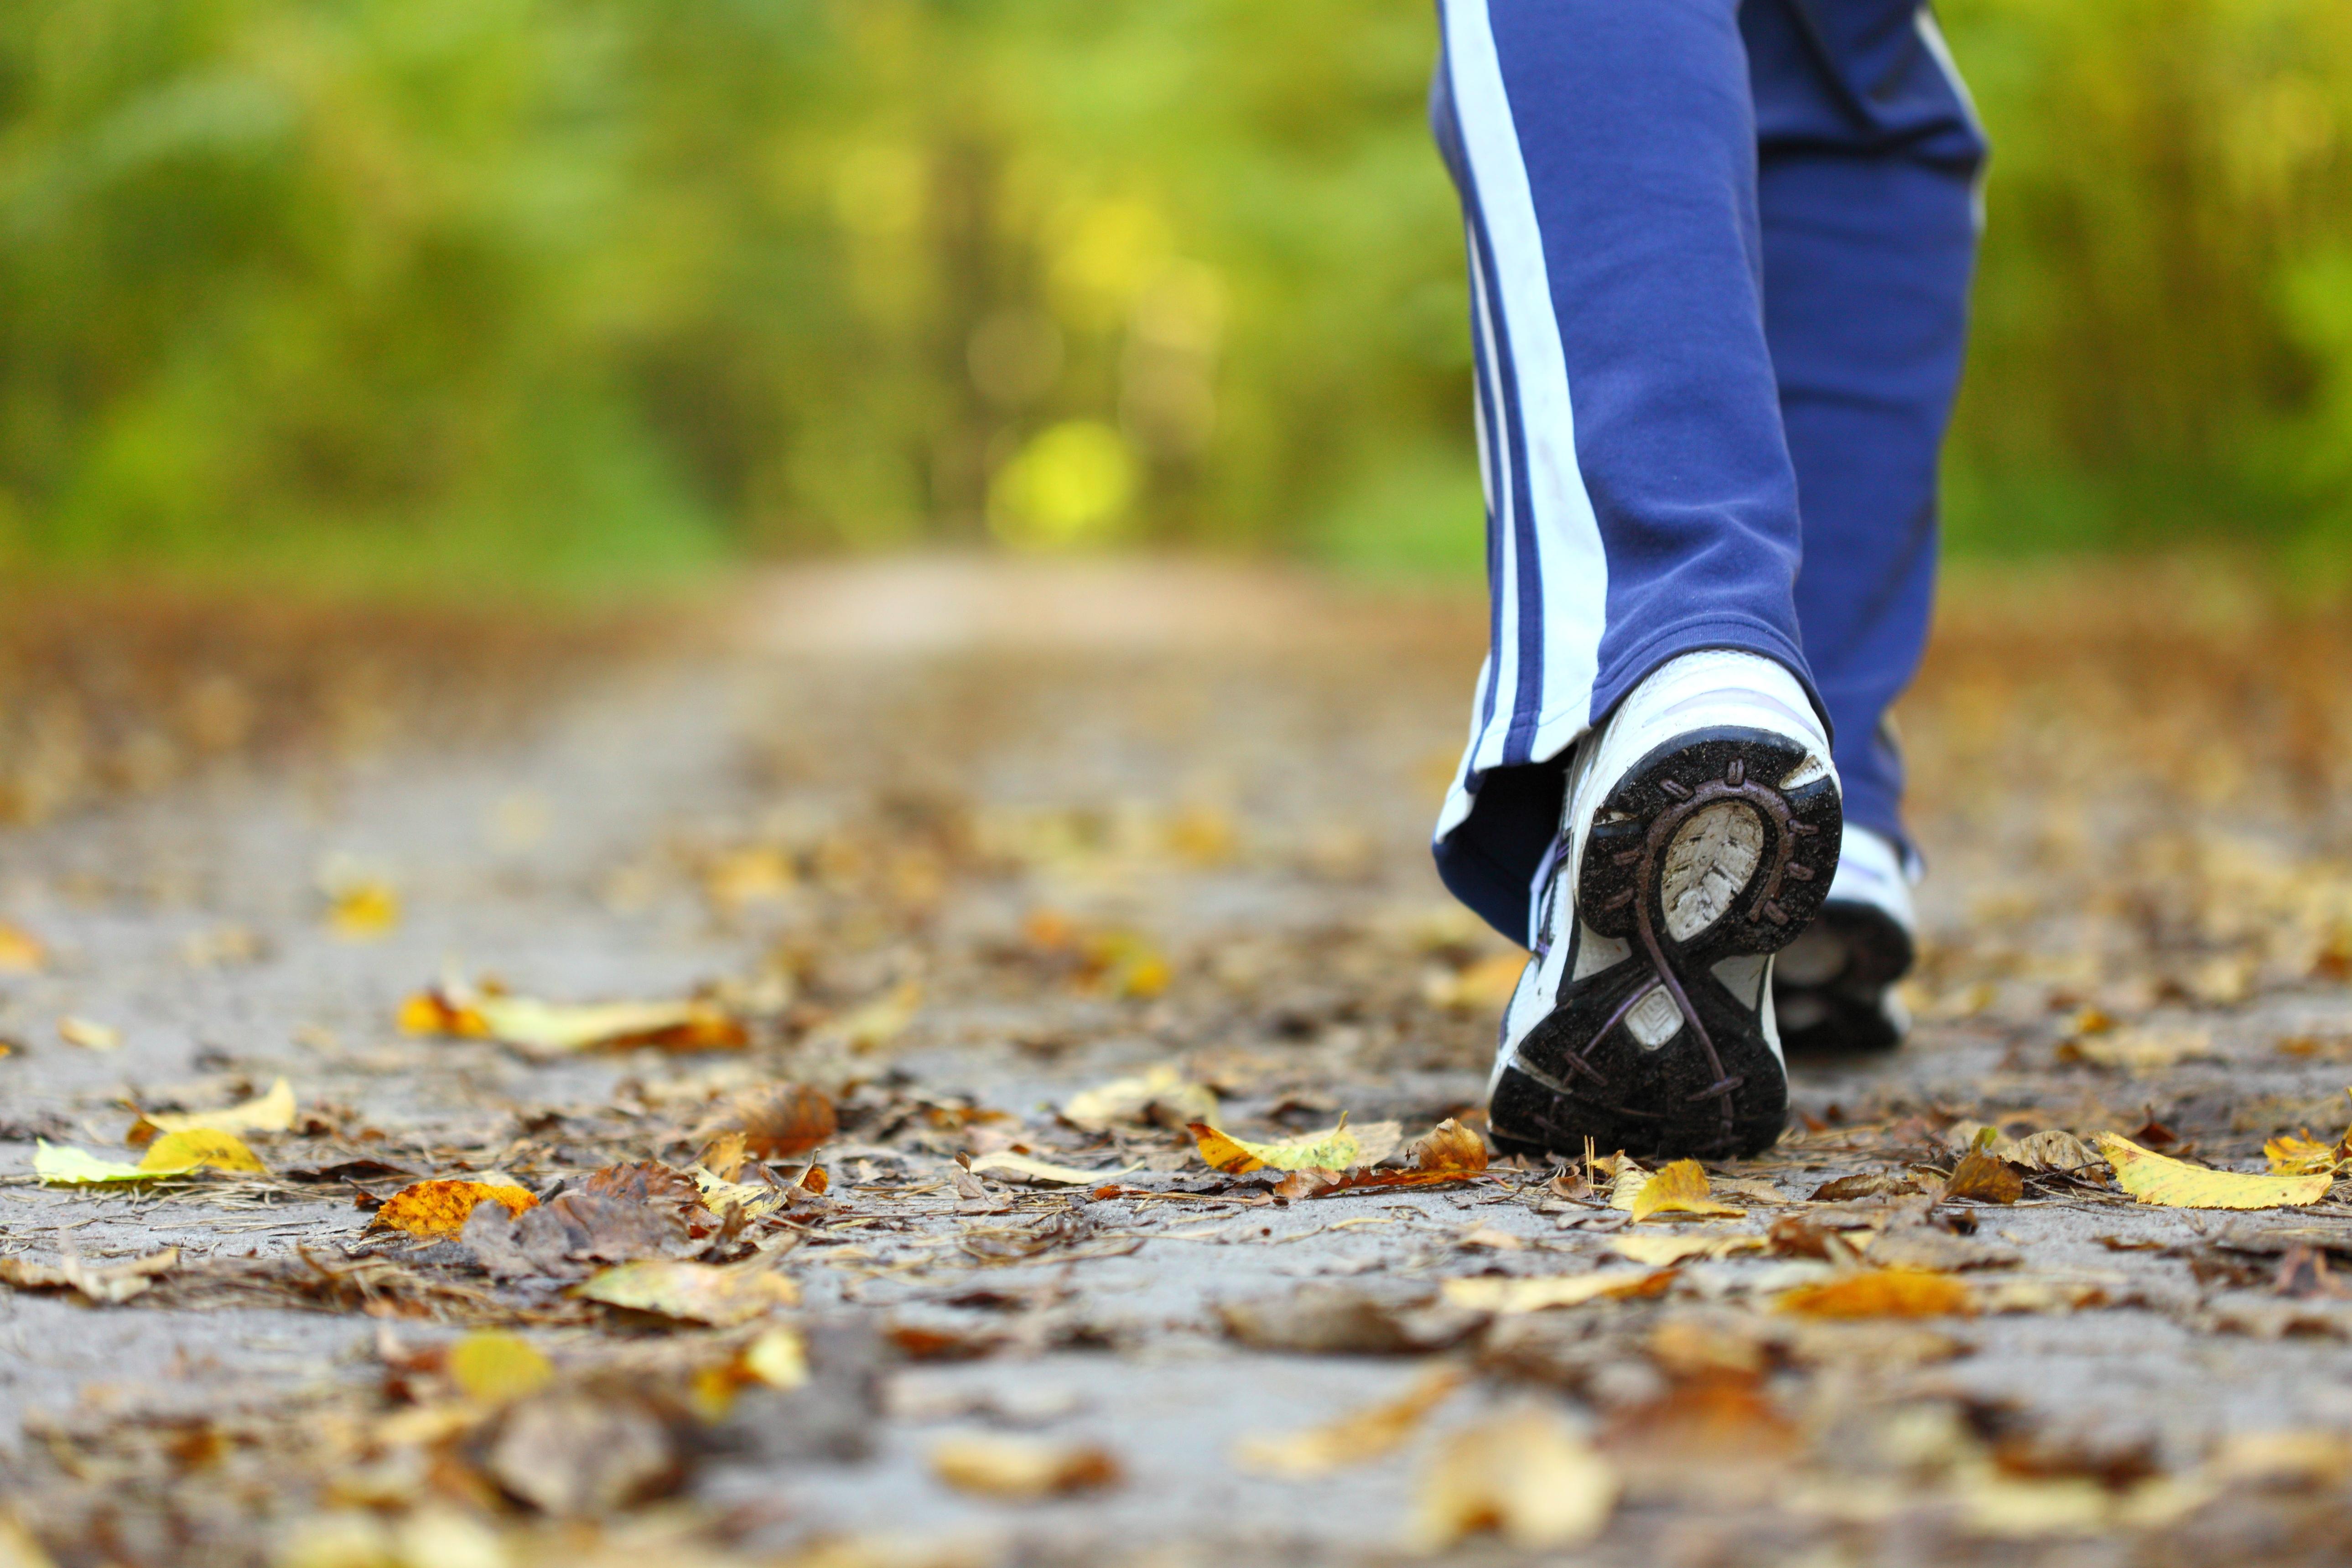 אסתמה ופעילות גופנית